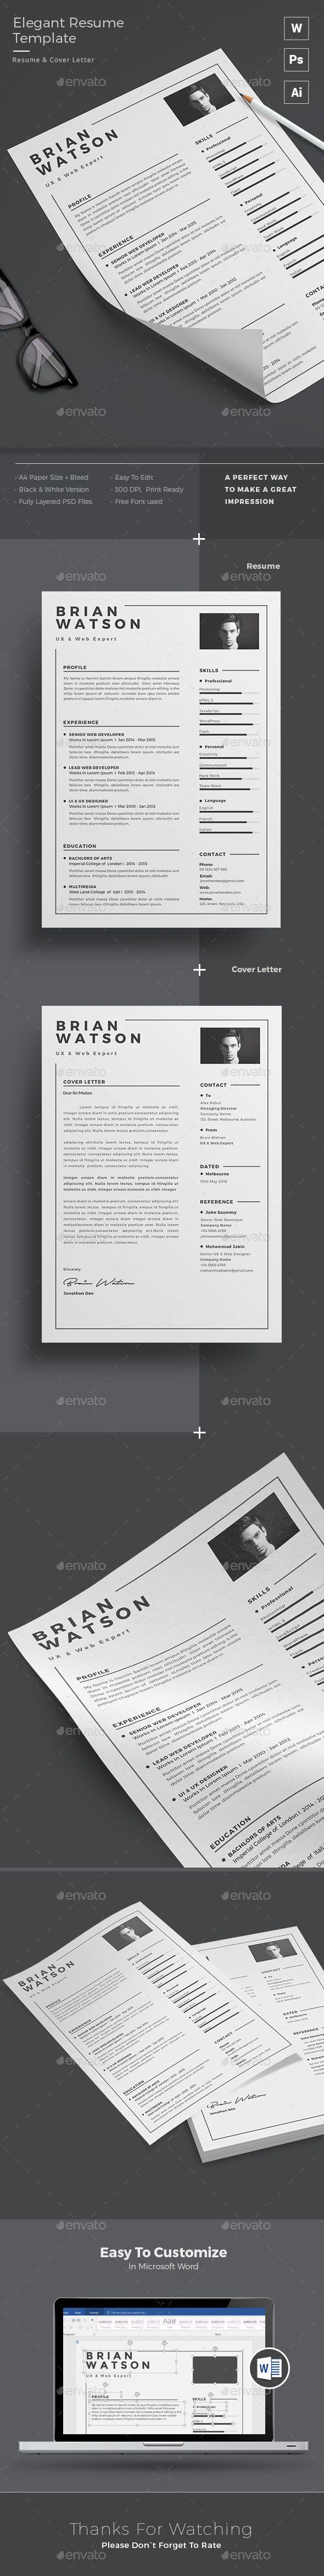 Resume | Currículum, Portafolio y Plantillas de currículum